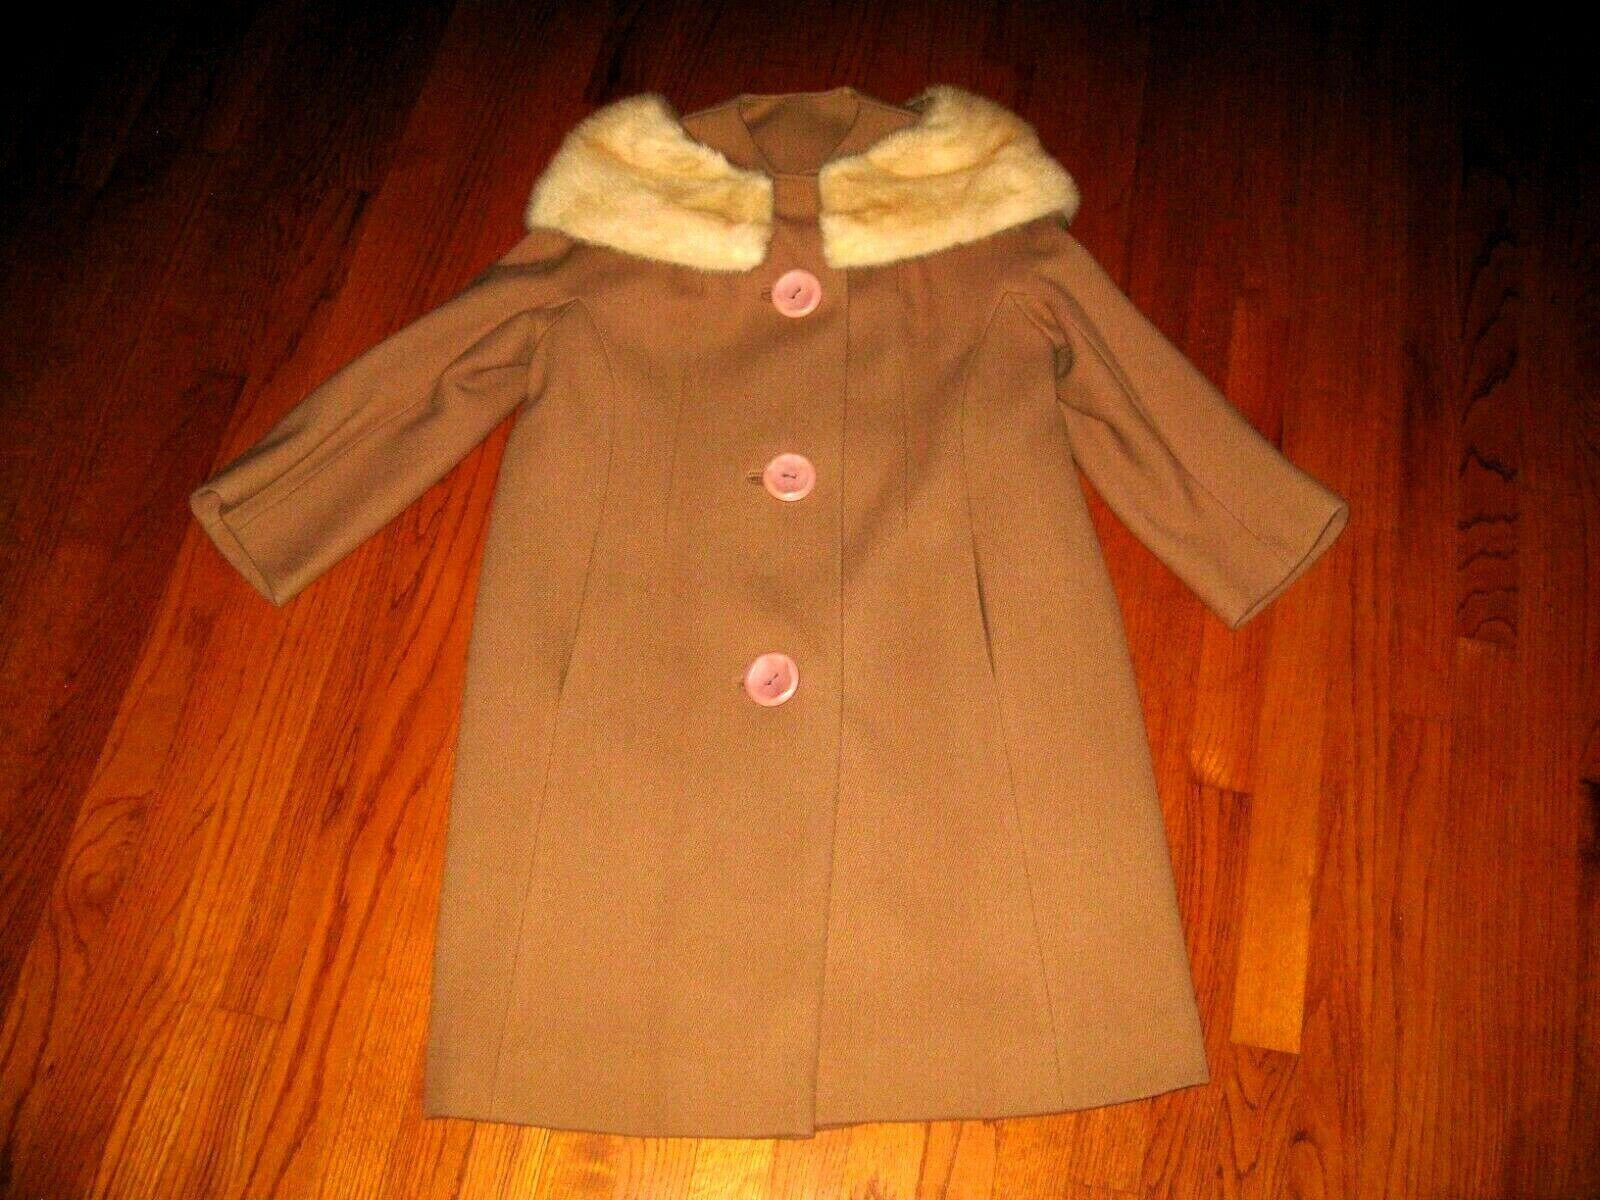 VTG Women's 1950s Black Swing Coat Fur Collar Joseph Stein 50s